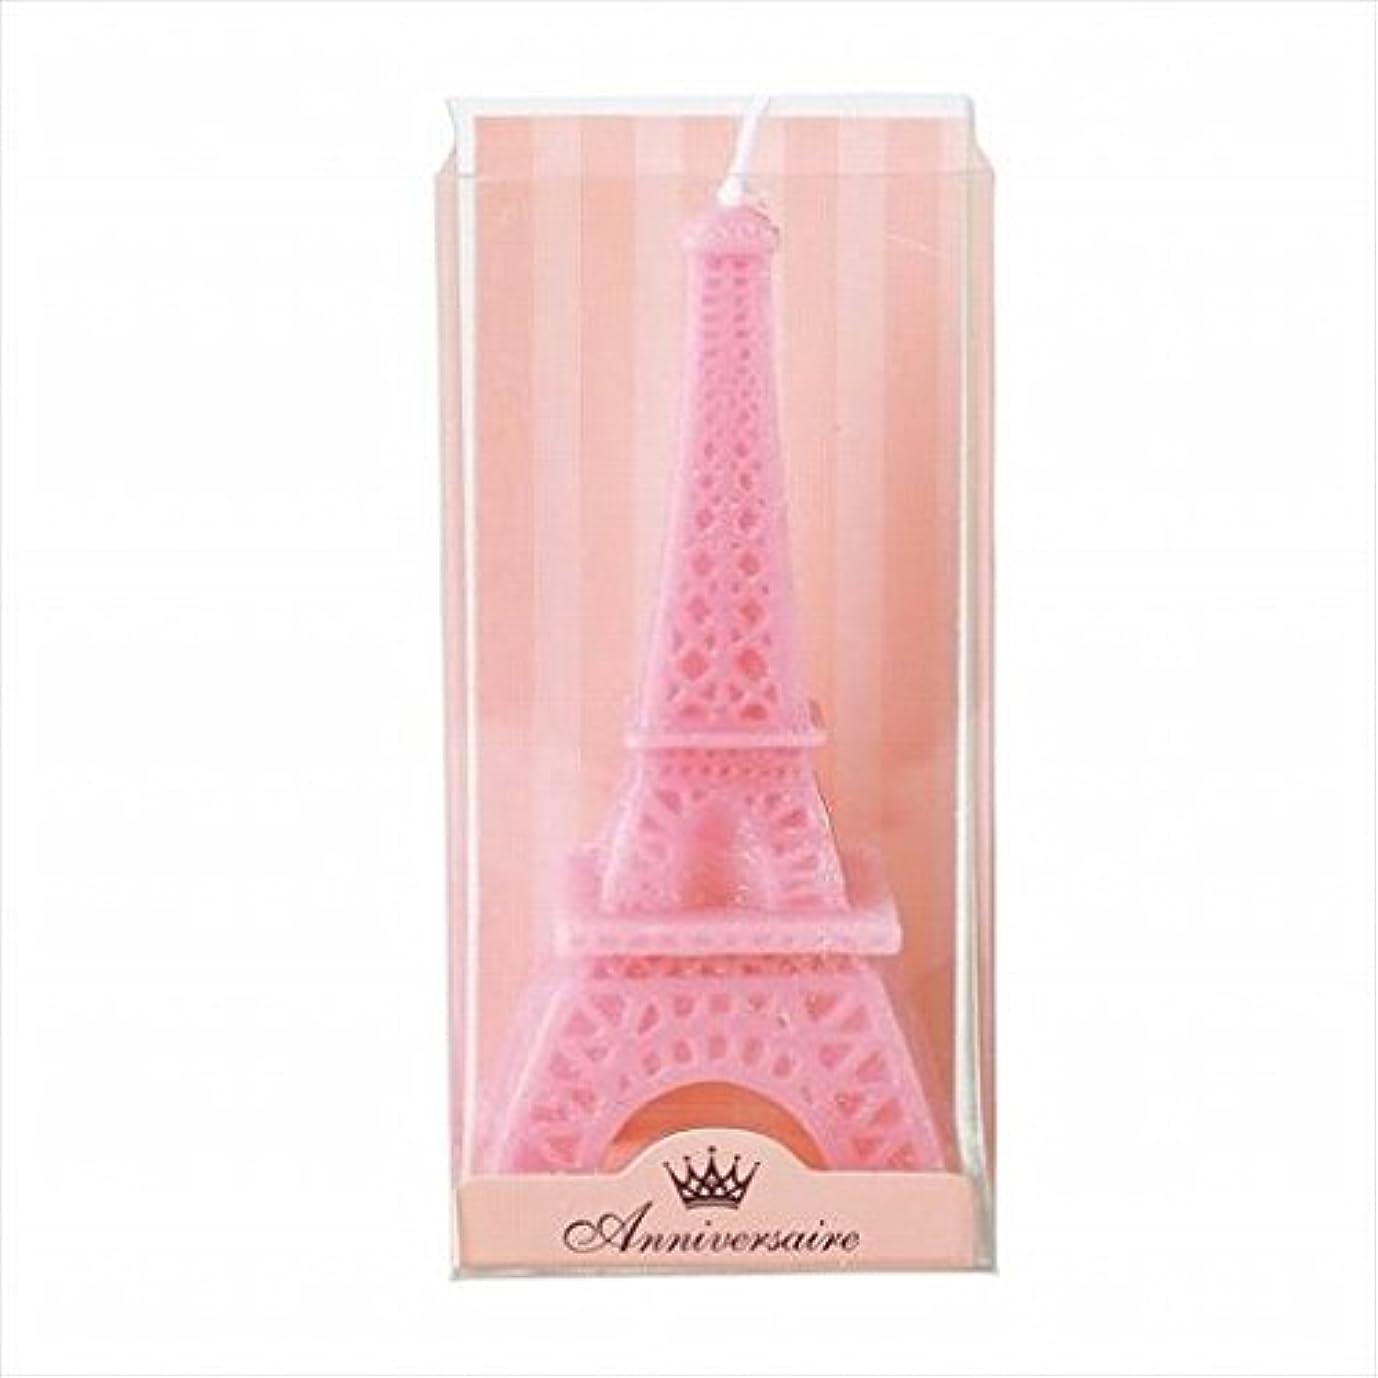 一貫性のない拡大するスキップkameyama candle(カメヤマキャンドル) エッフェル塔キャンドル 「 ピンク 」(A5870000PK)